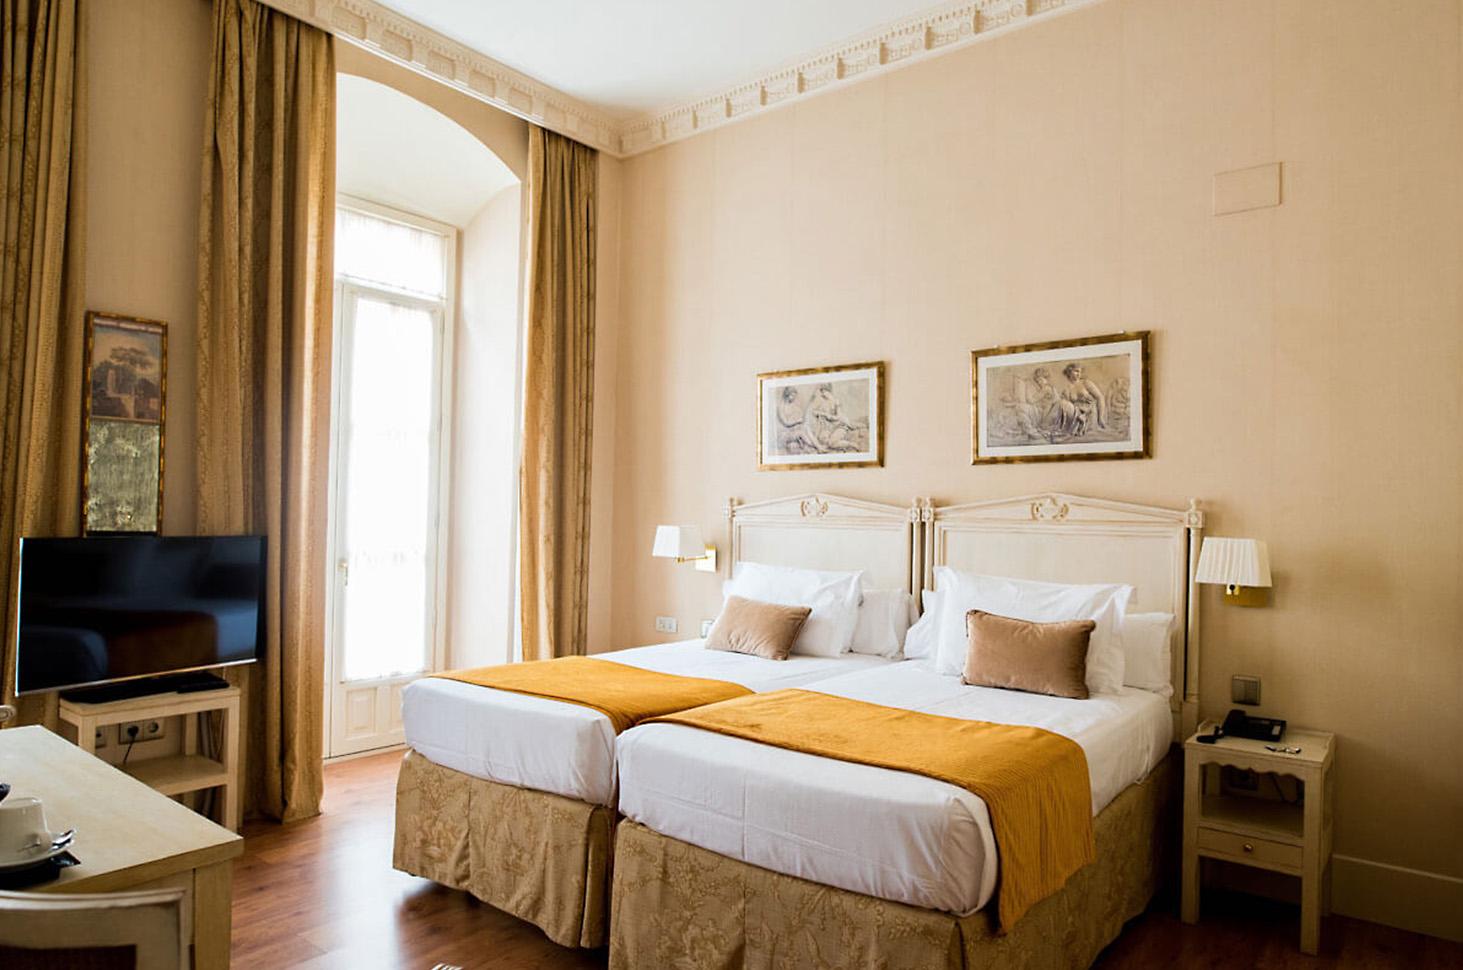 ventanas-hotel-casa-romana-4